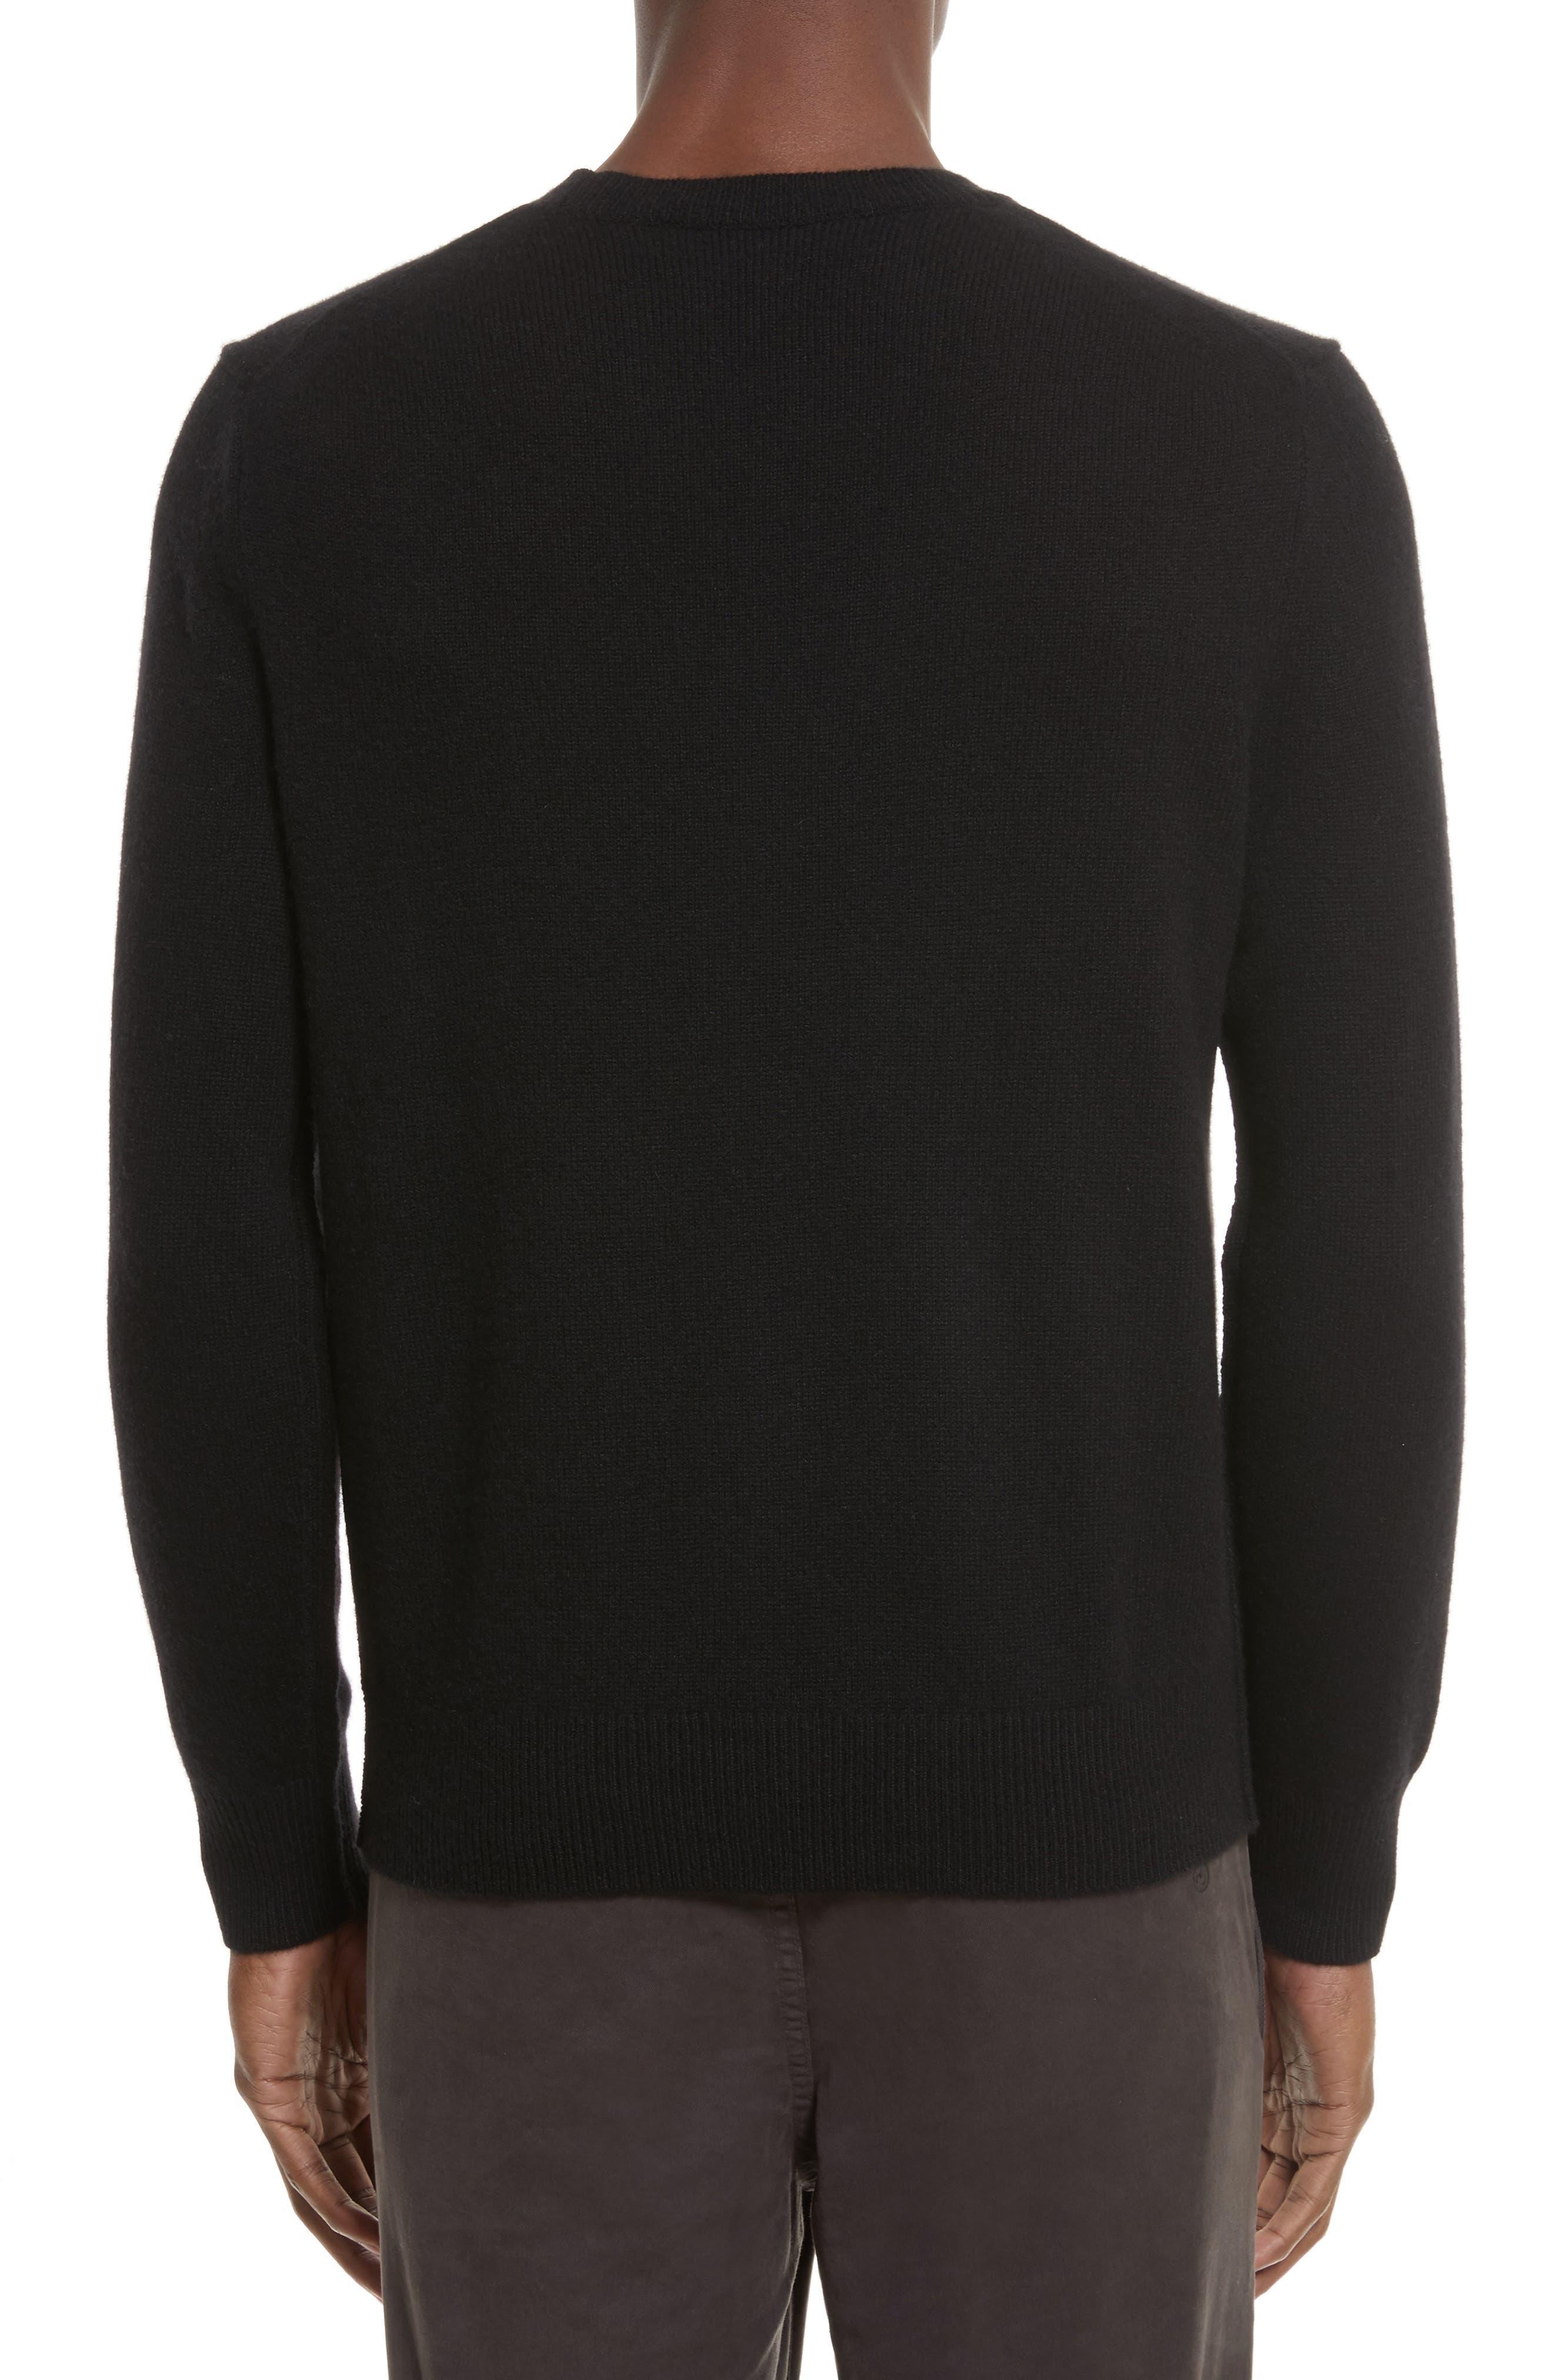 Haldon Cashmere Crewneck Sweatshirt,                             Alternate thumbnail 2, color,                             001